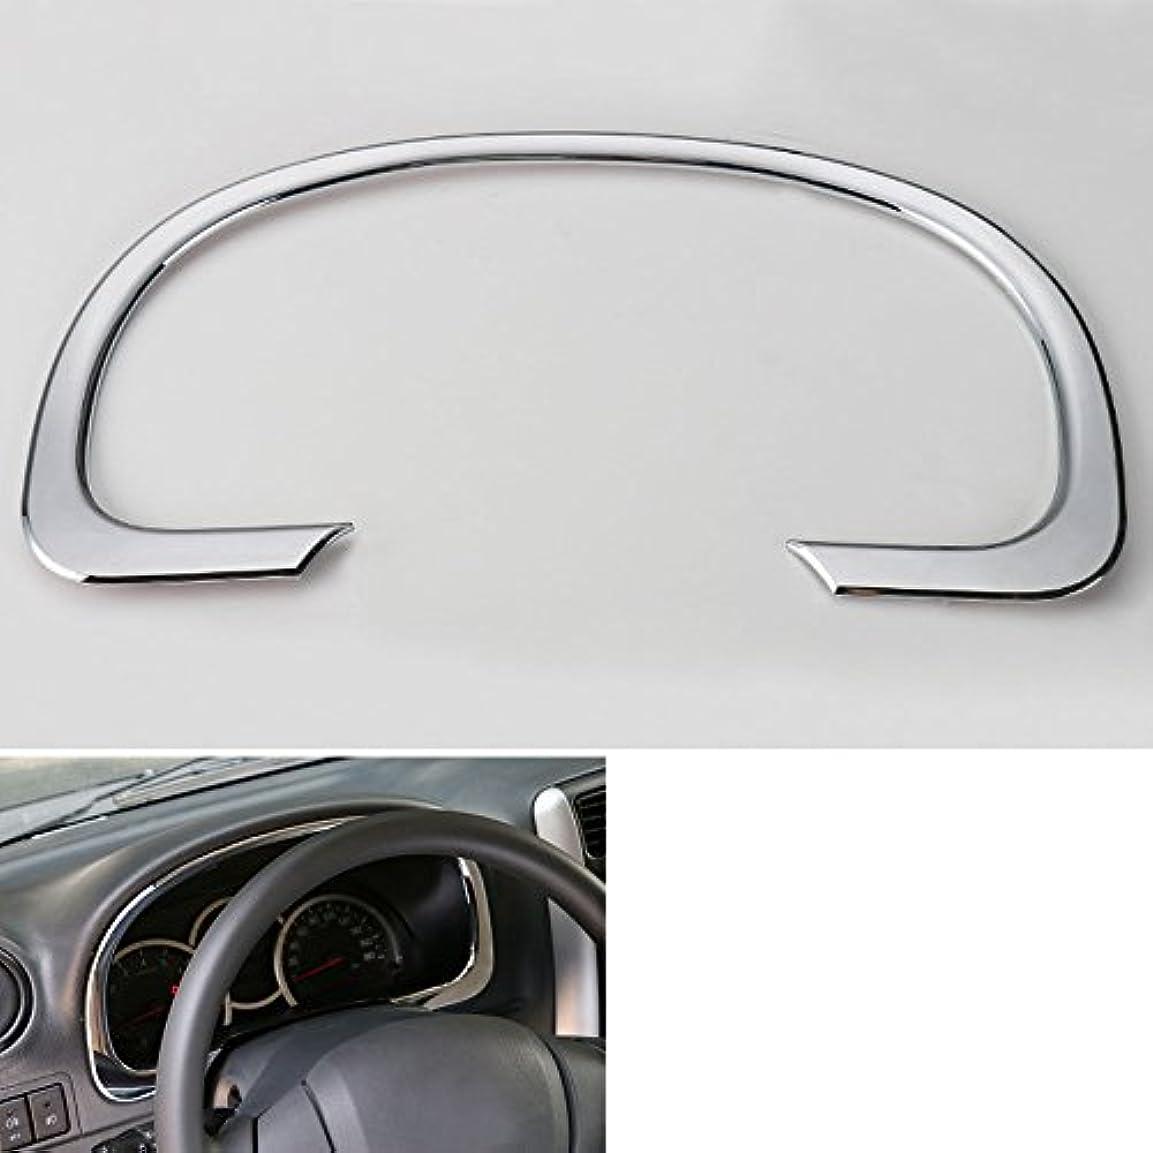 誇張するすごい部分Jicorzo - Center Instrument Dashboard Cover Trim Interior Car Styling Sticker Chrome ABS Decoration Accessories...